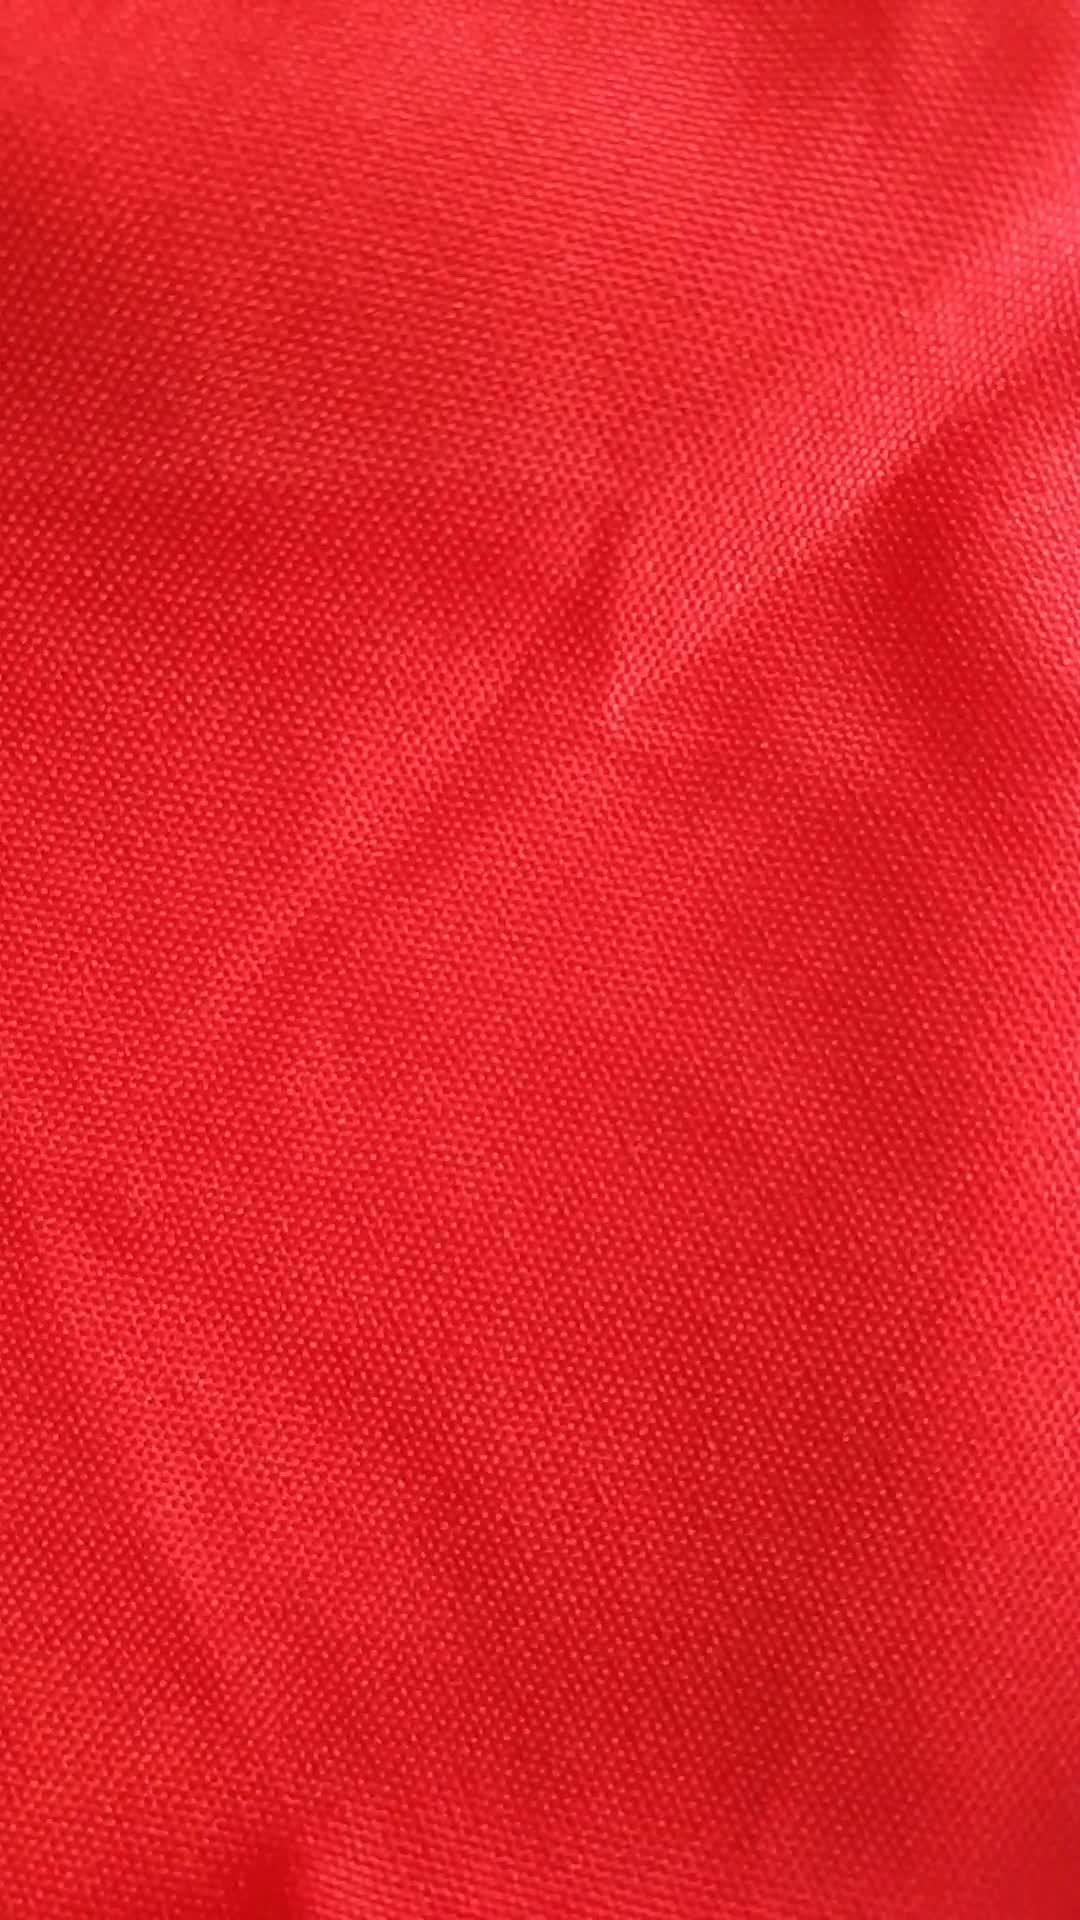 Швейные нитки полиэстер нить пояс флизелин